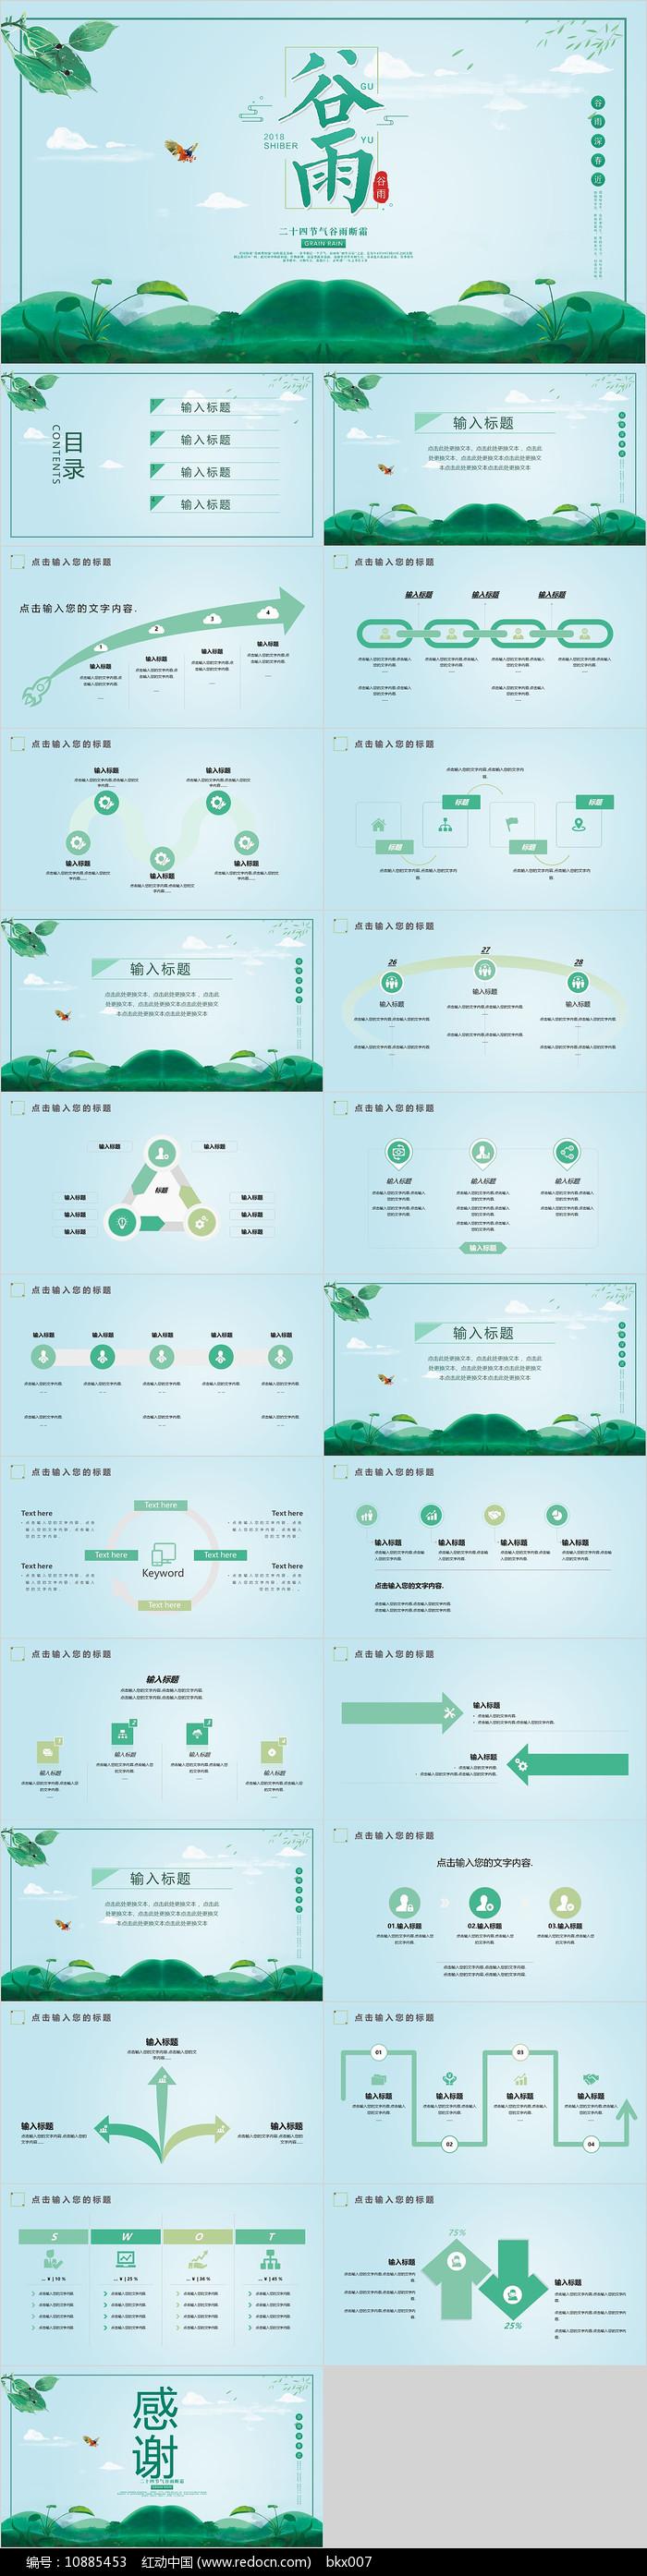 绿色二十四节气谷雨PPT模板